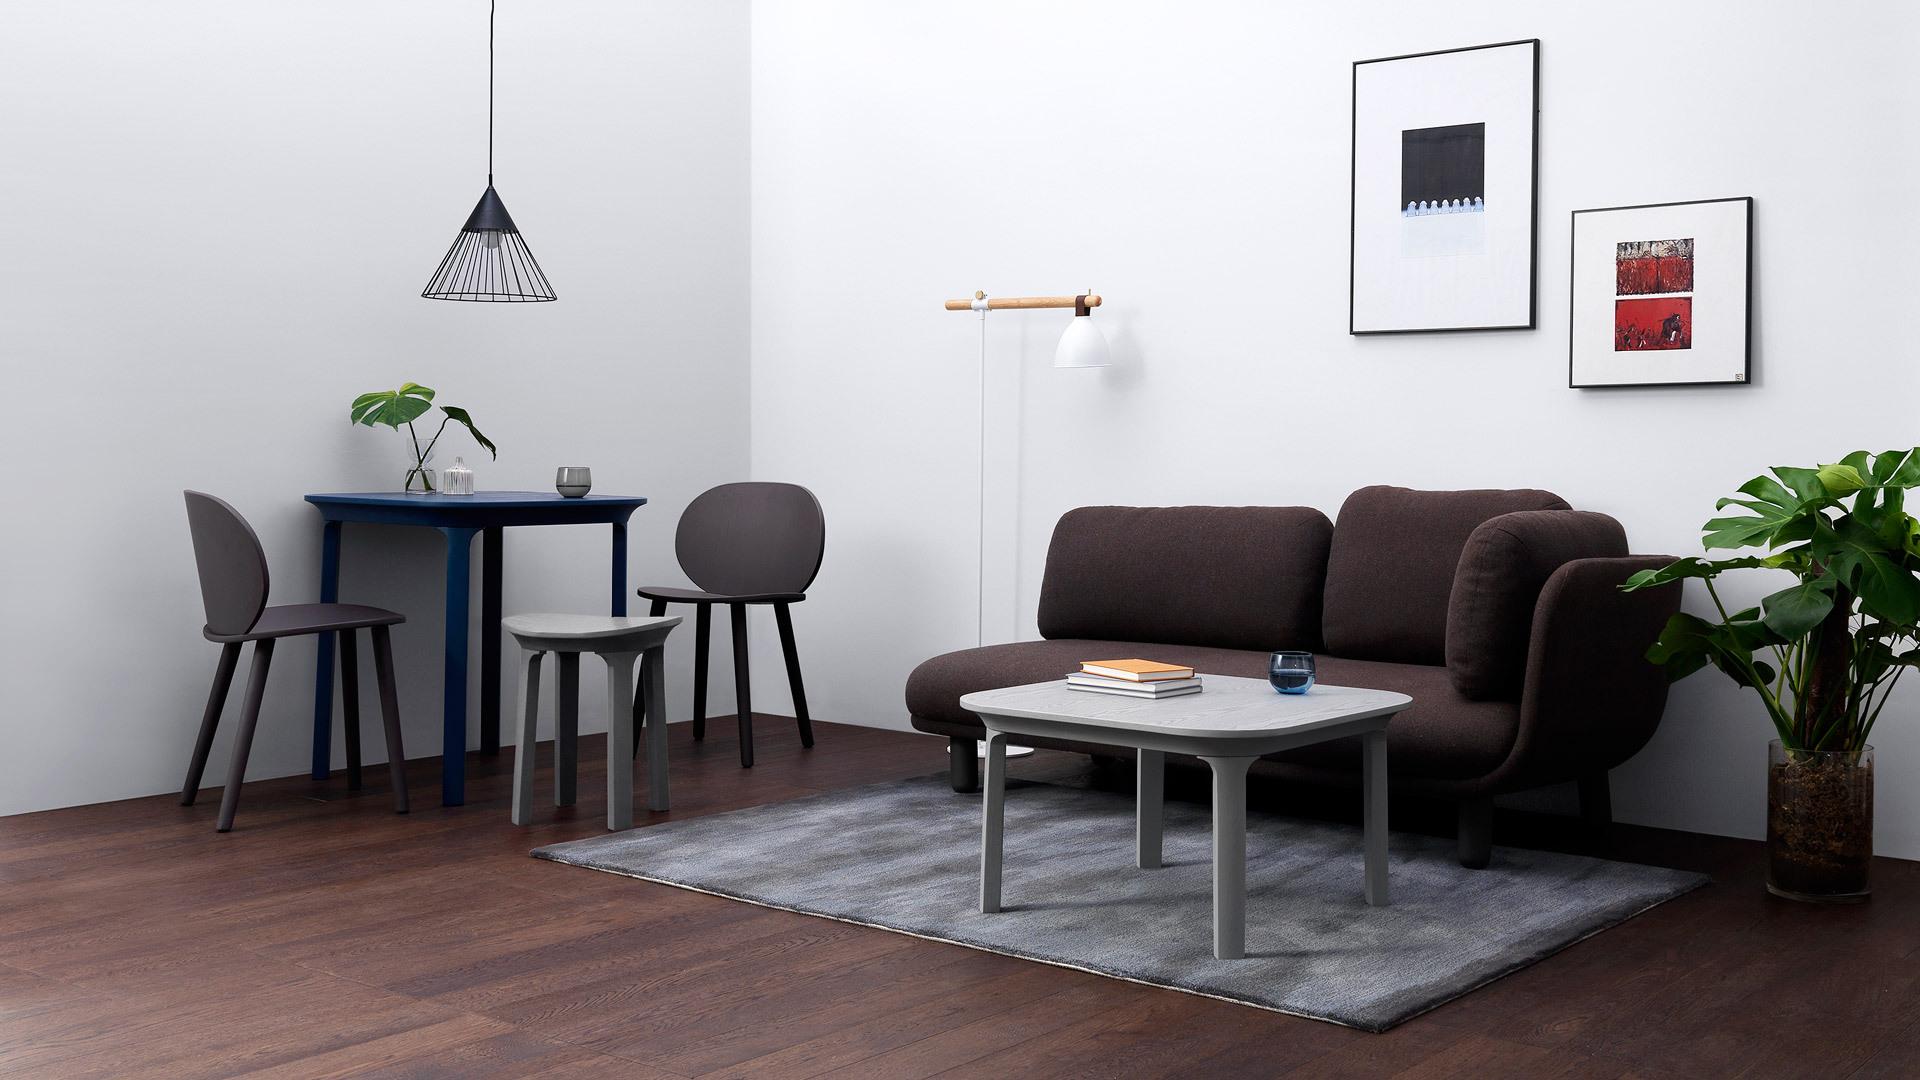 瓦檐系列定下轻盈基调,搭配一系流畅曲线形物件,为房间注入温暖质感,围绕紧凑现代的空间格局,铺满悠闲惬意。